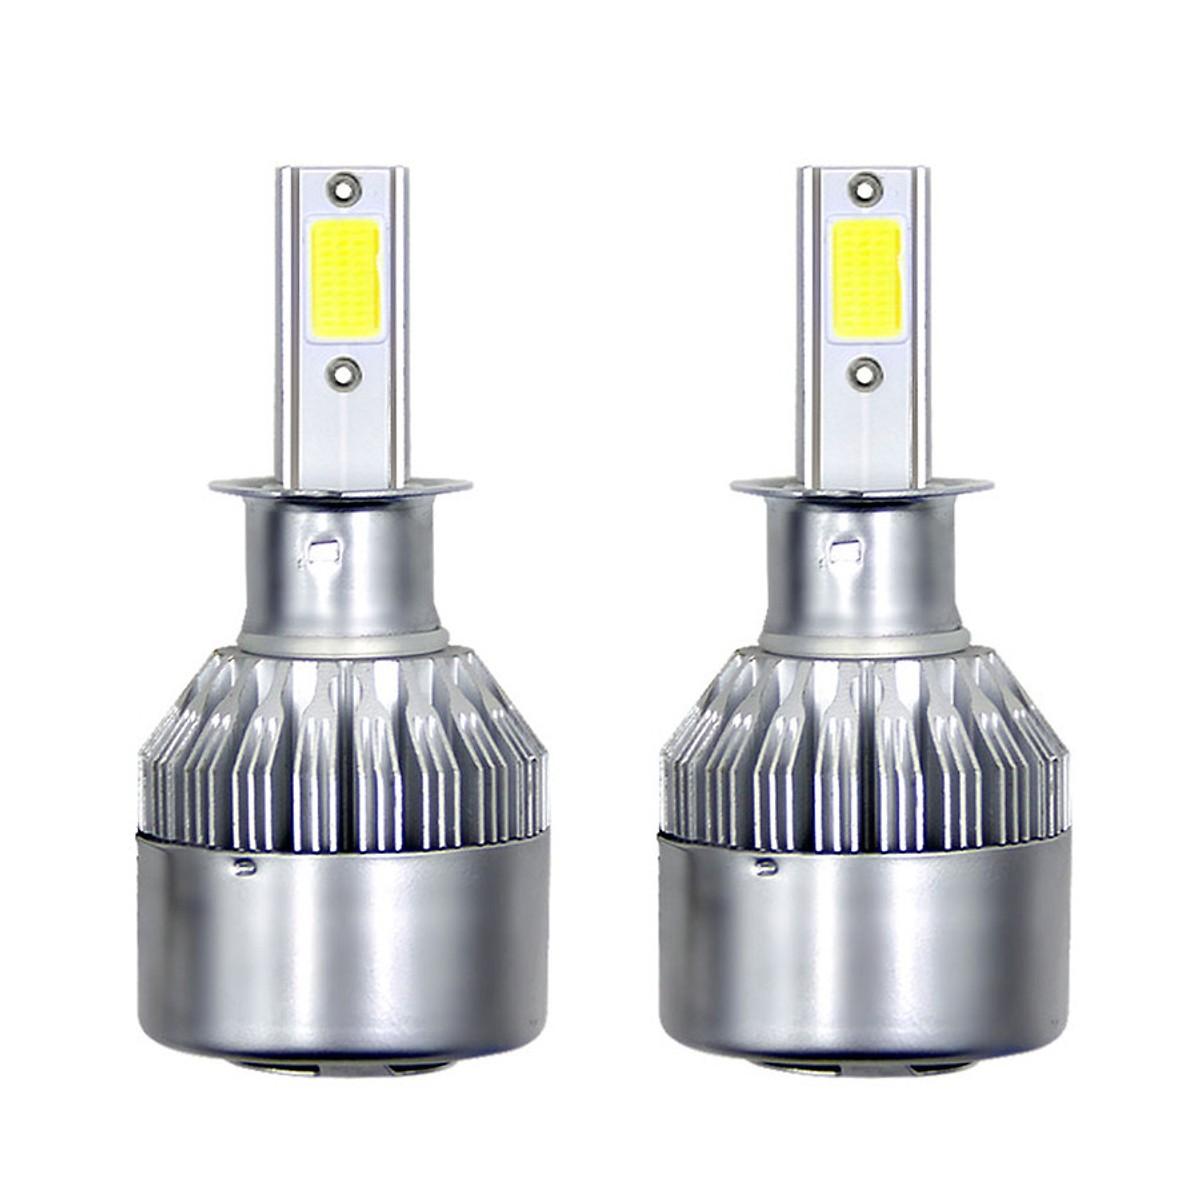 Đèn Pha Trước LED Công Suất Cao Phụ Kiện Xe Hơi H3 6000W